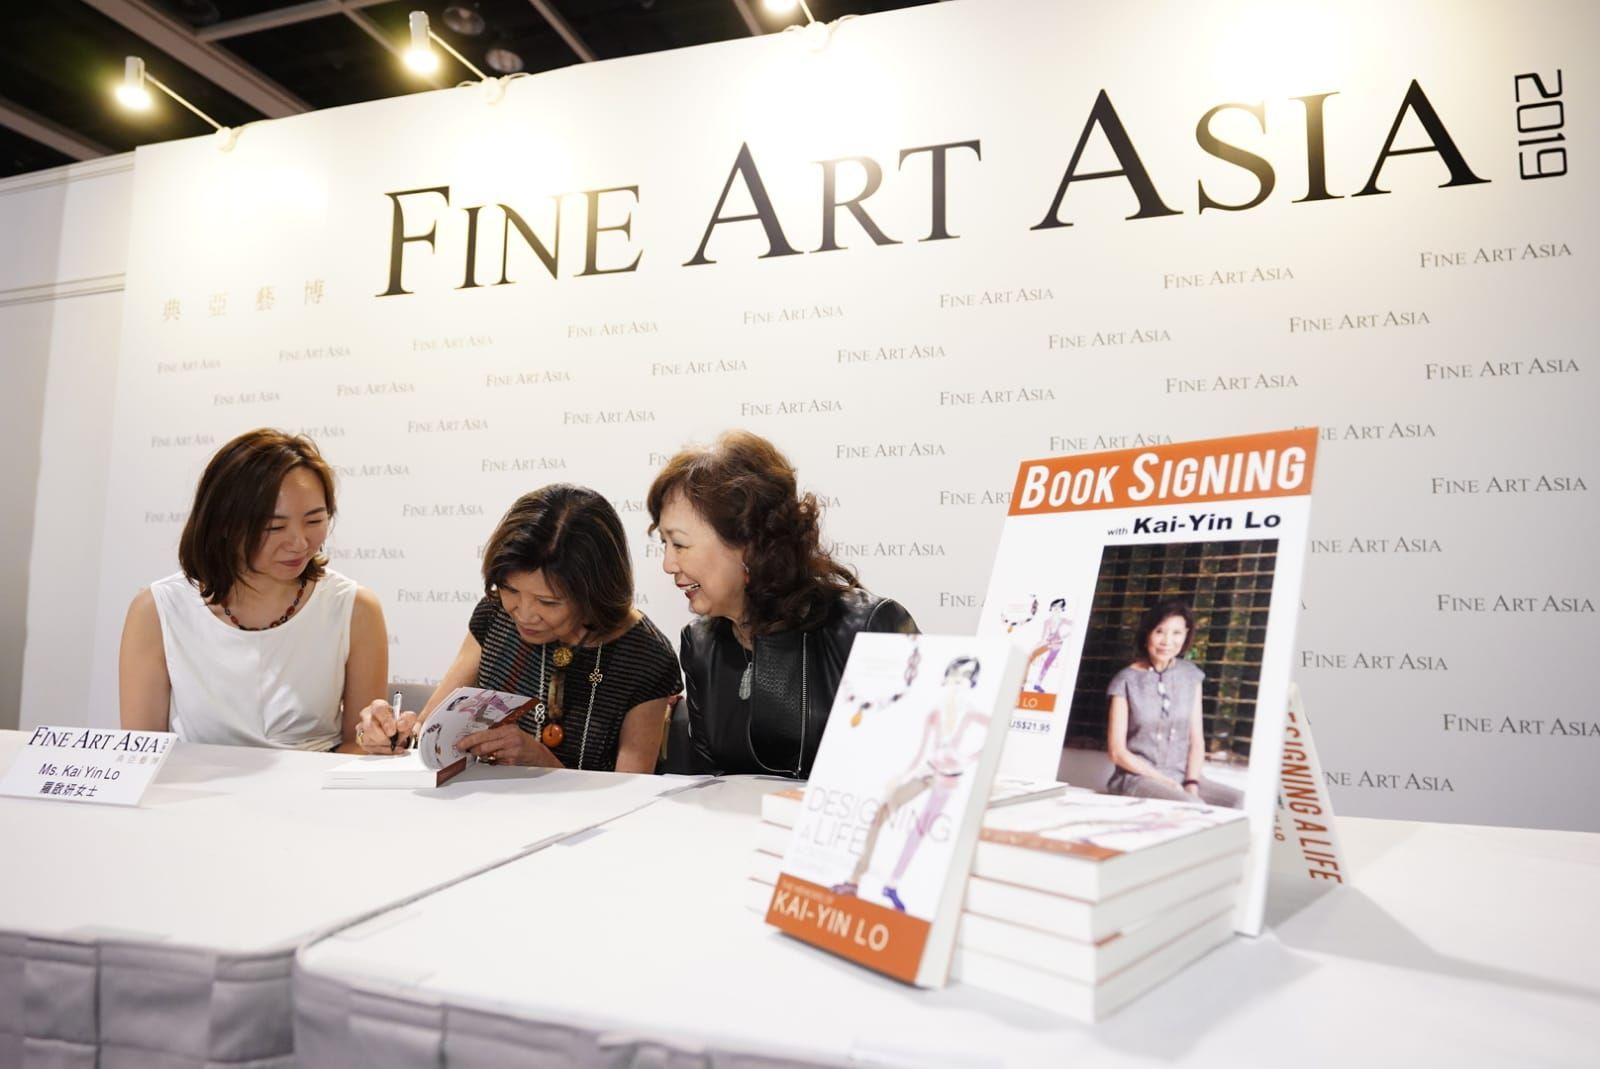 珠宝设计师罗启妍传《罗启姸回忆录: 设计人生 - 跨文化之旅》发布